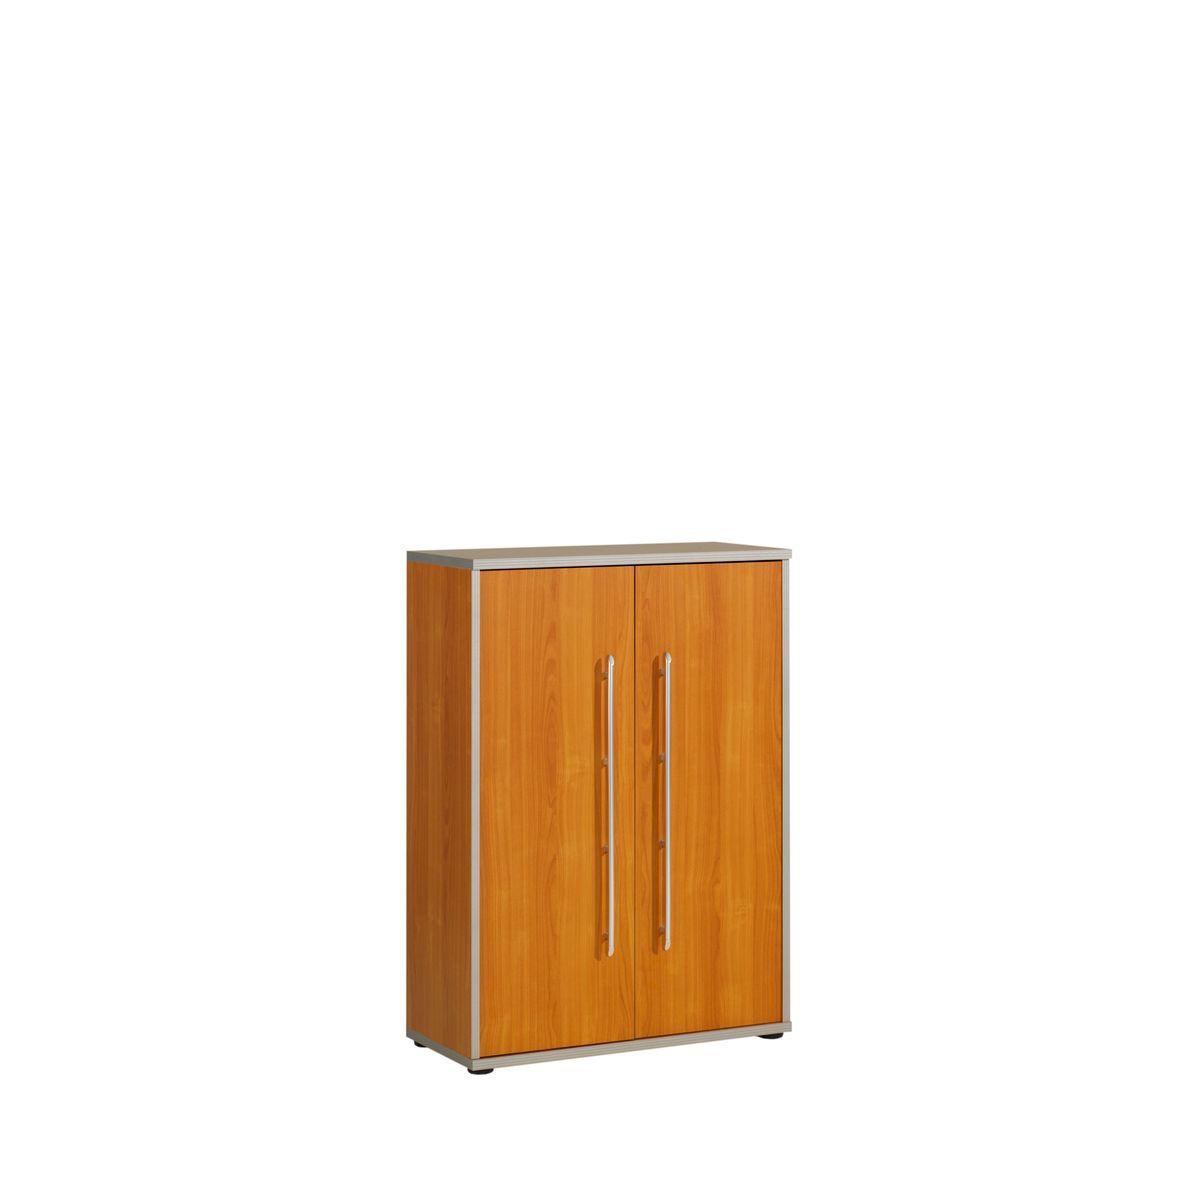 aktenschrank moxxo 3 ordnerh hen 2 t ren g nstig kaufen. Black Bedroom Furniture Sets. Home Design Ideas